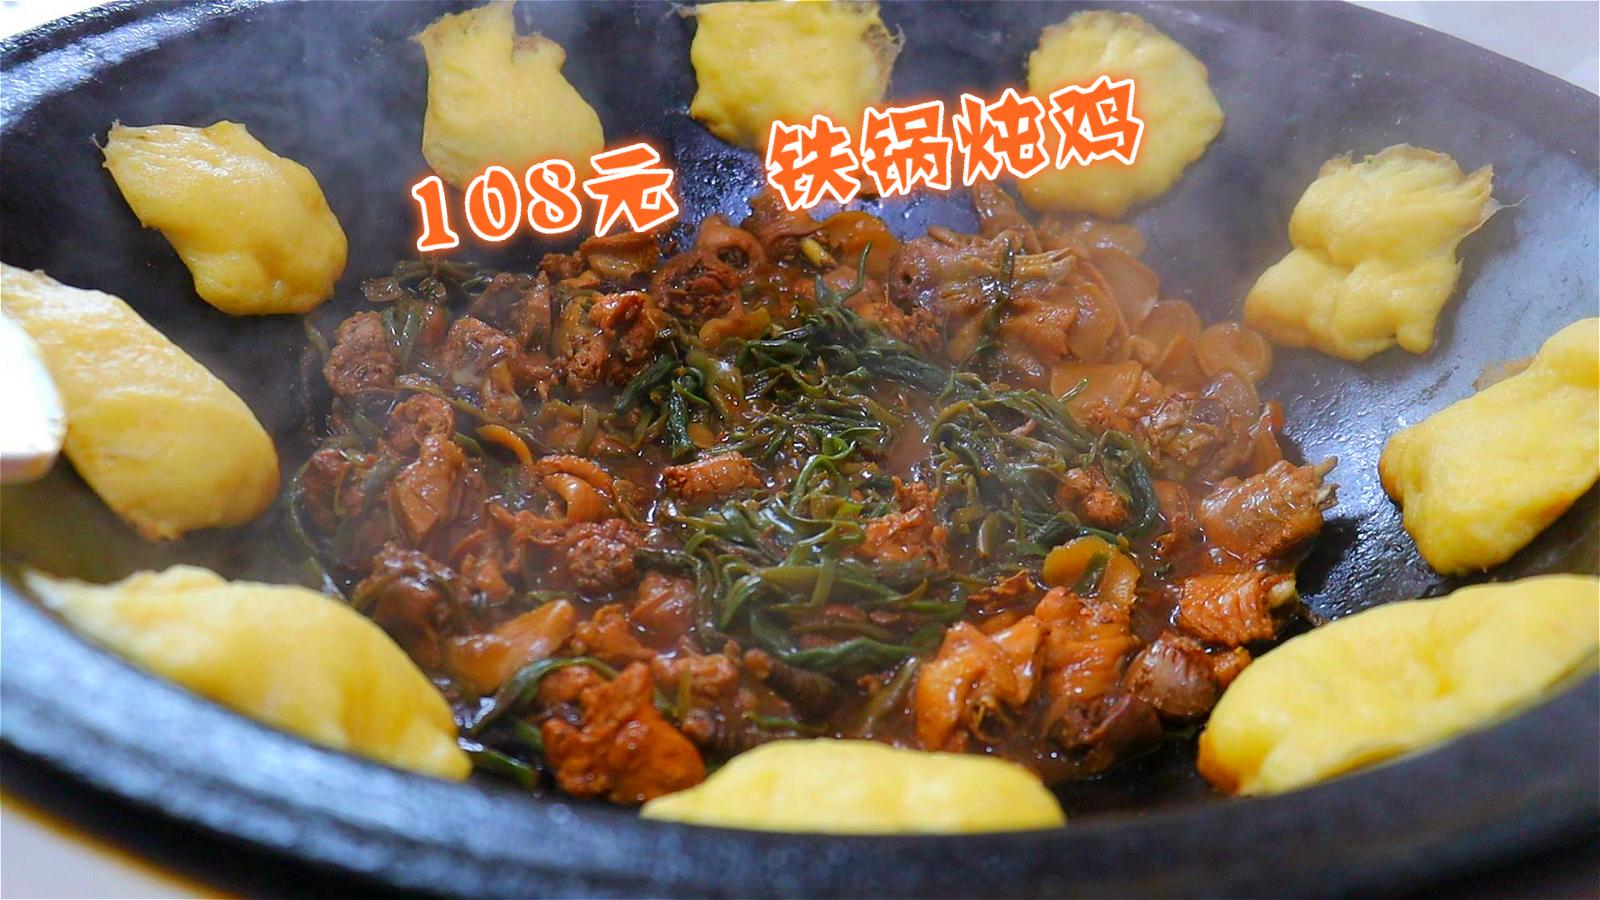 小伙花108元去吃铁锅炖鸡,狂吃三斤不过瘾,最后竟然……吃不下打包了!